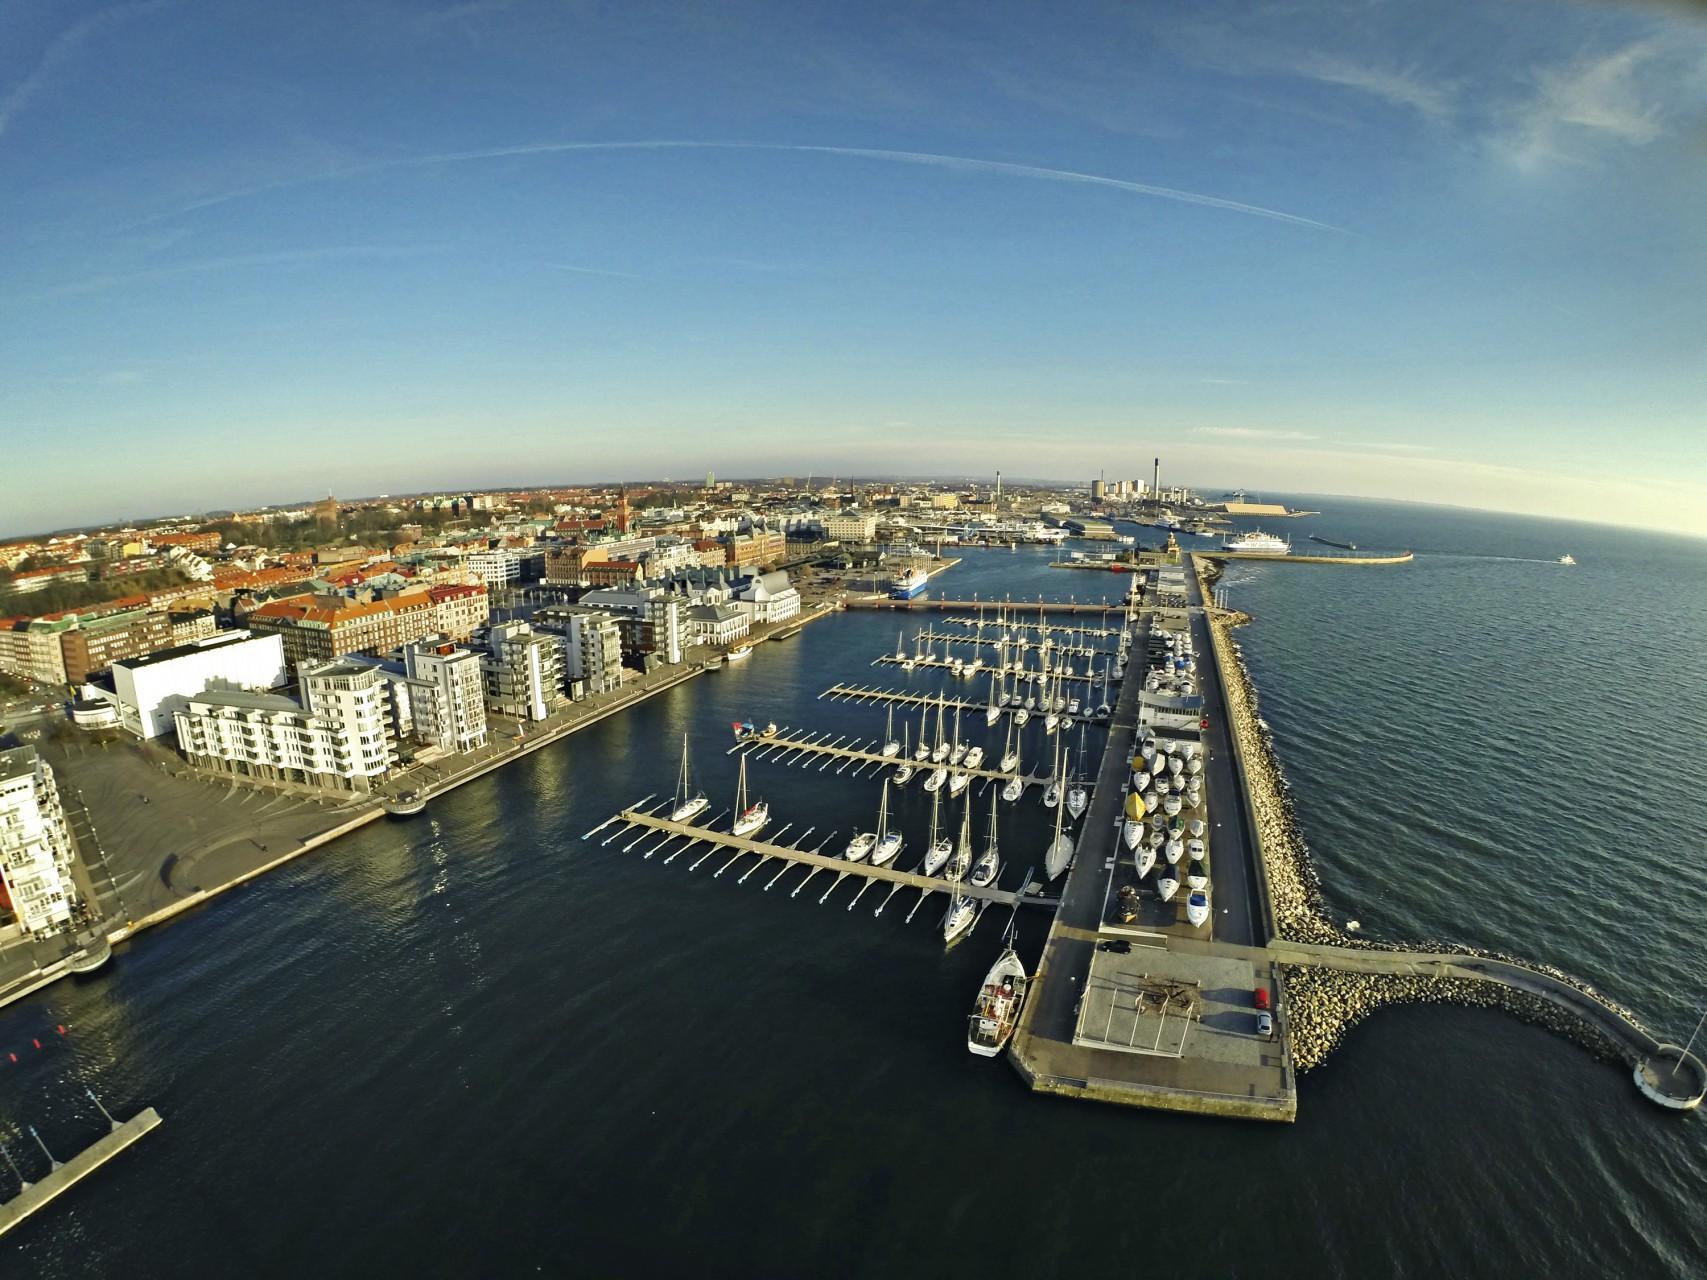 Norra hamnen drone 3000